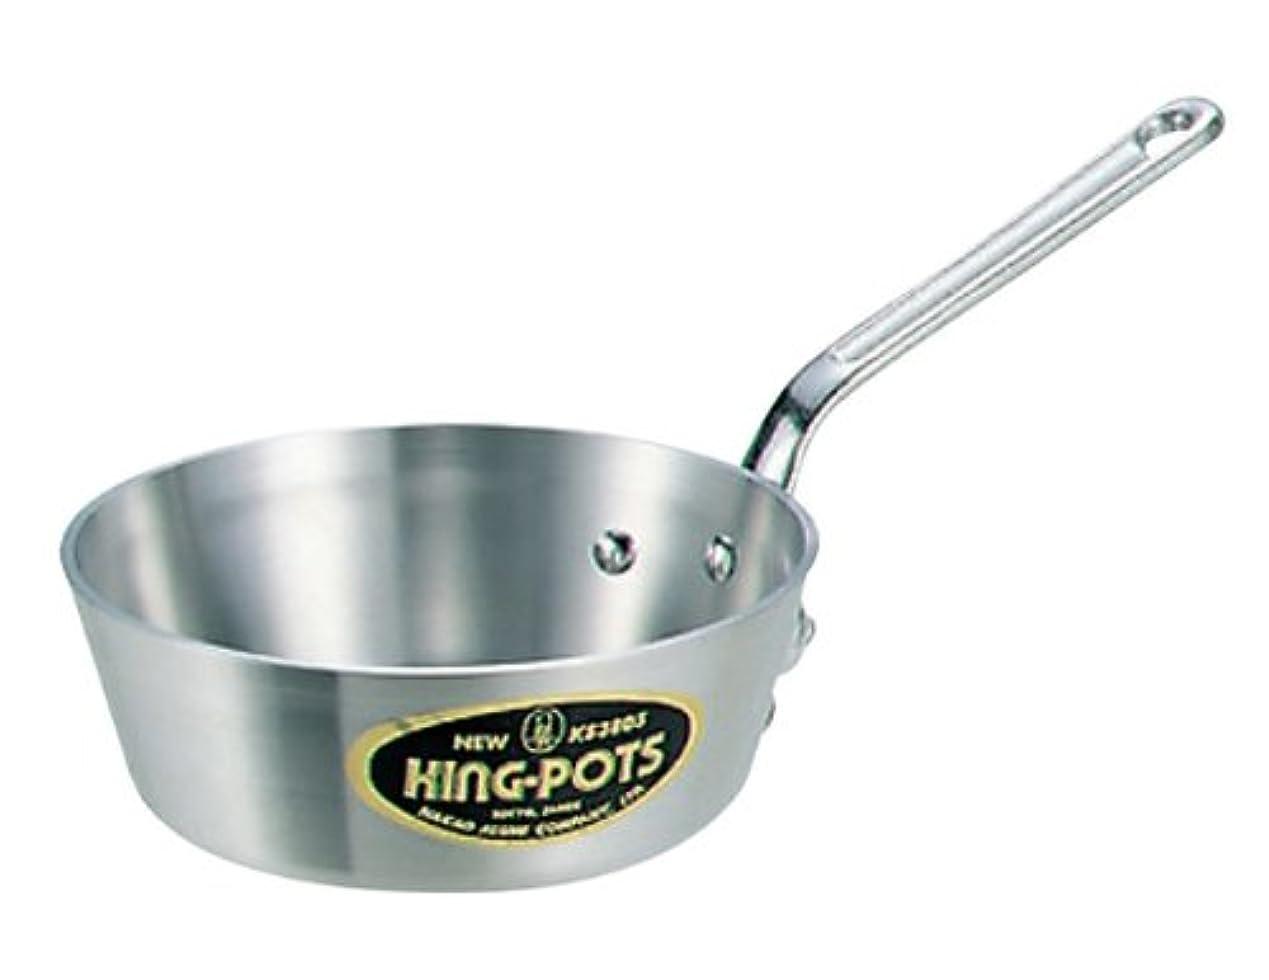 はっきりと物質虚栄心アルミ ニューキング テーパー鍋(目盛付)21cm